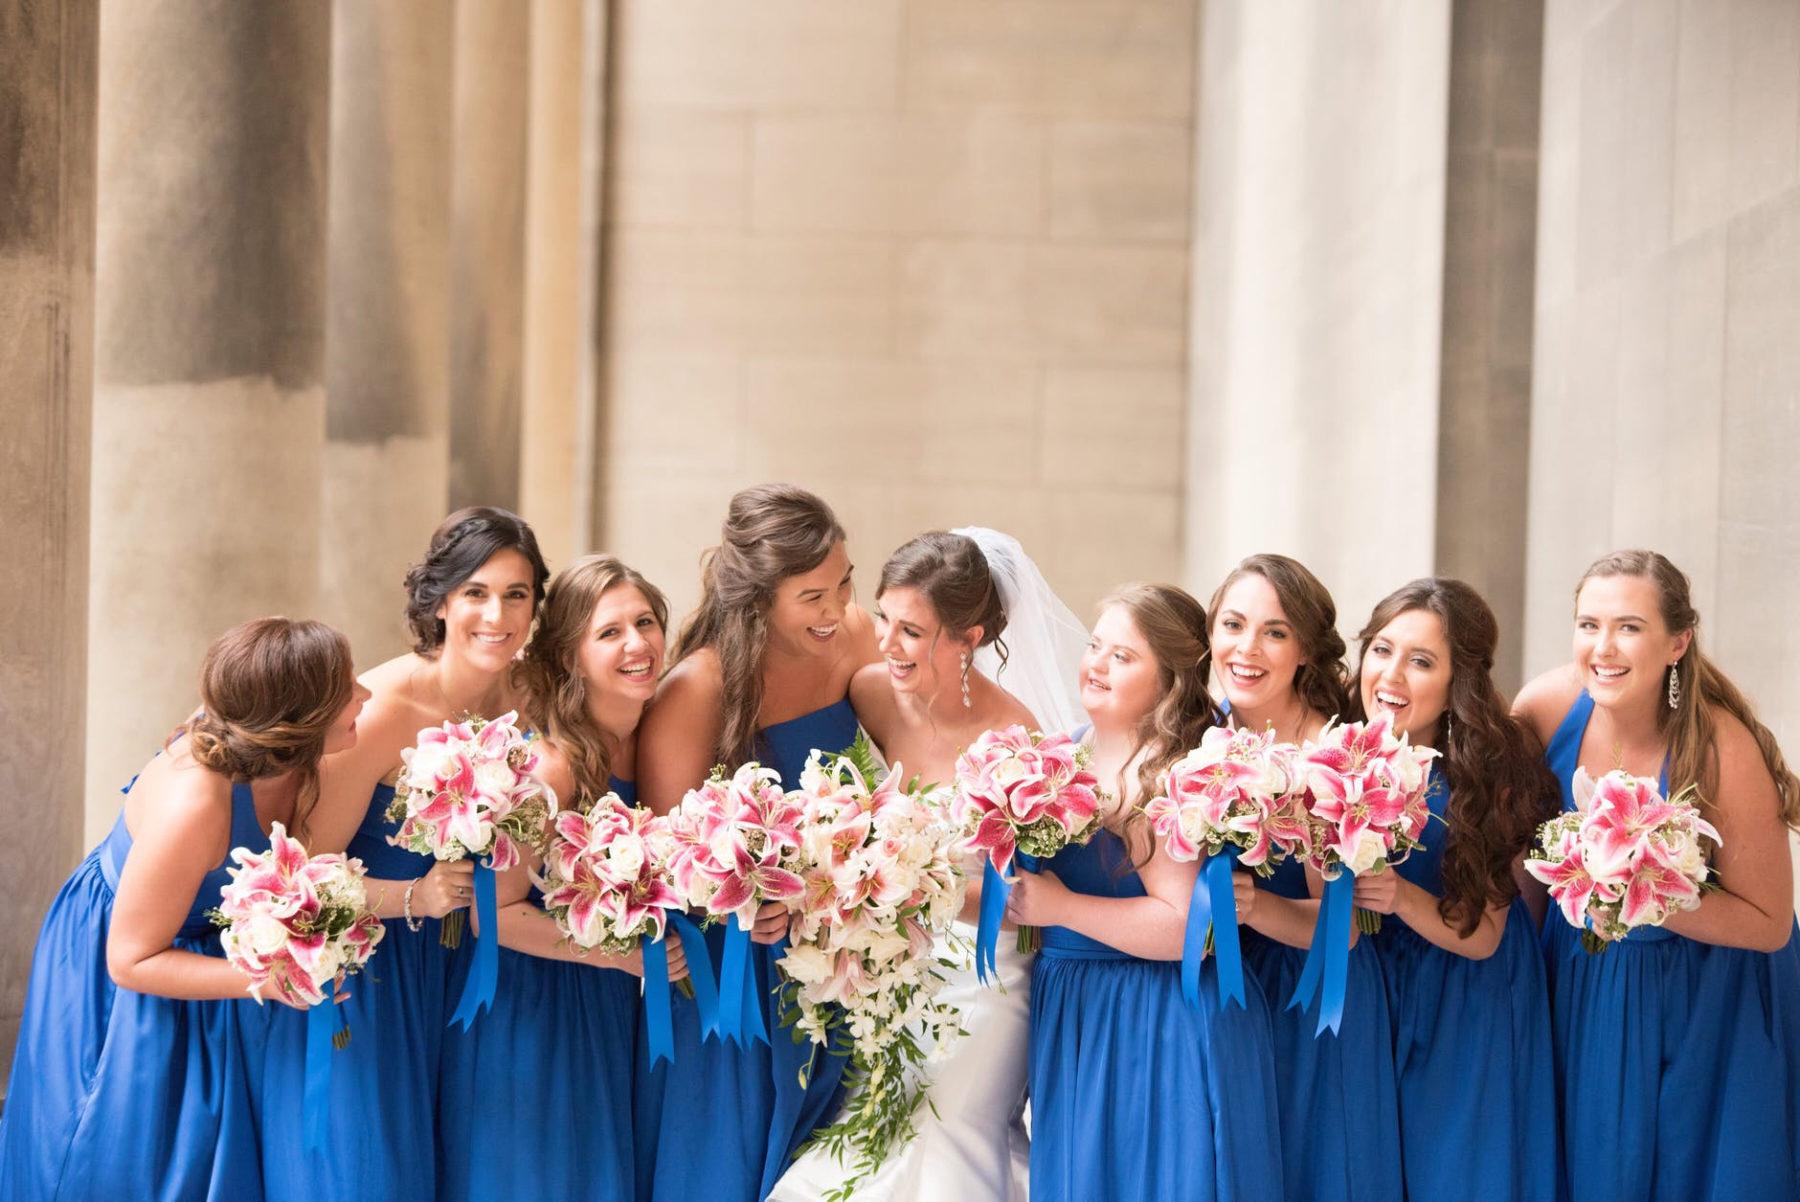 A blue wedding